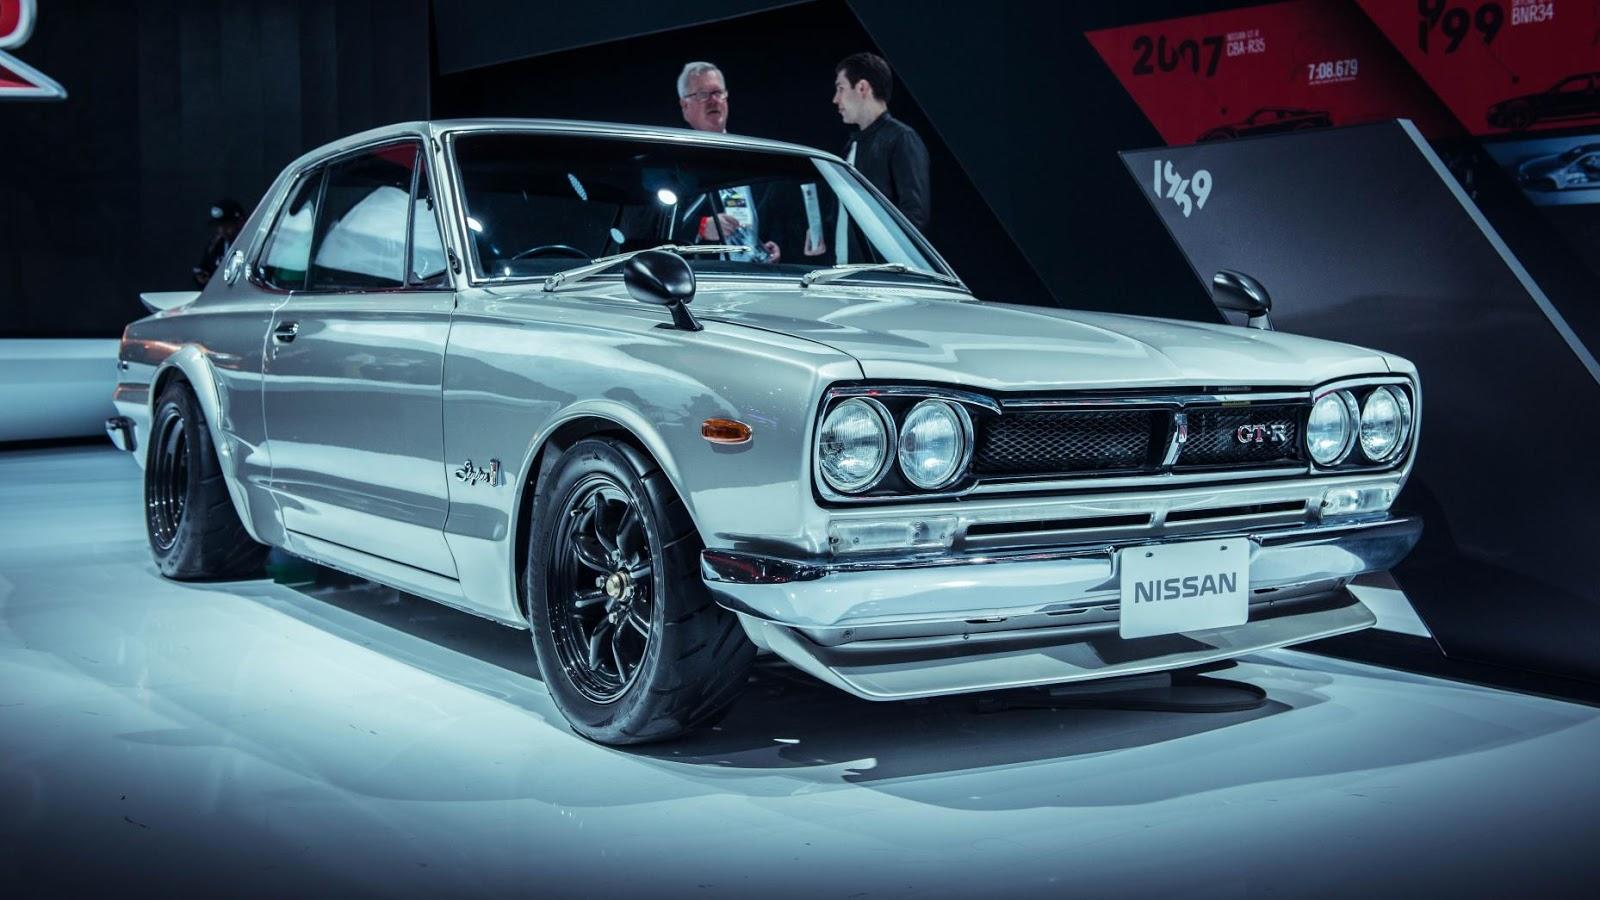 C10-gen Nissan Skyline GT-R